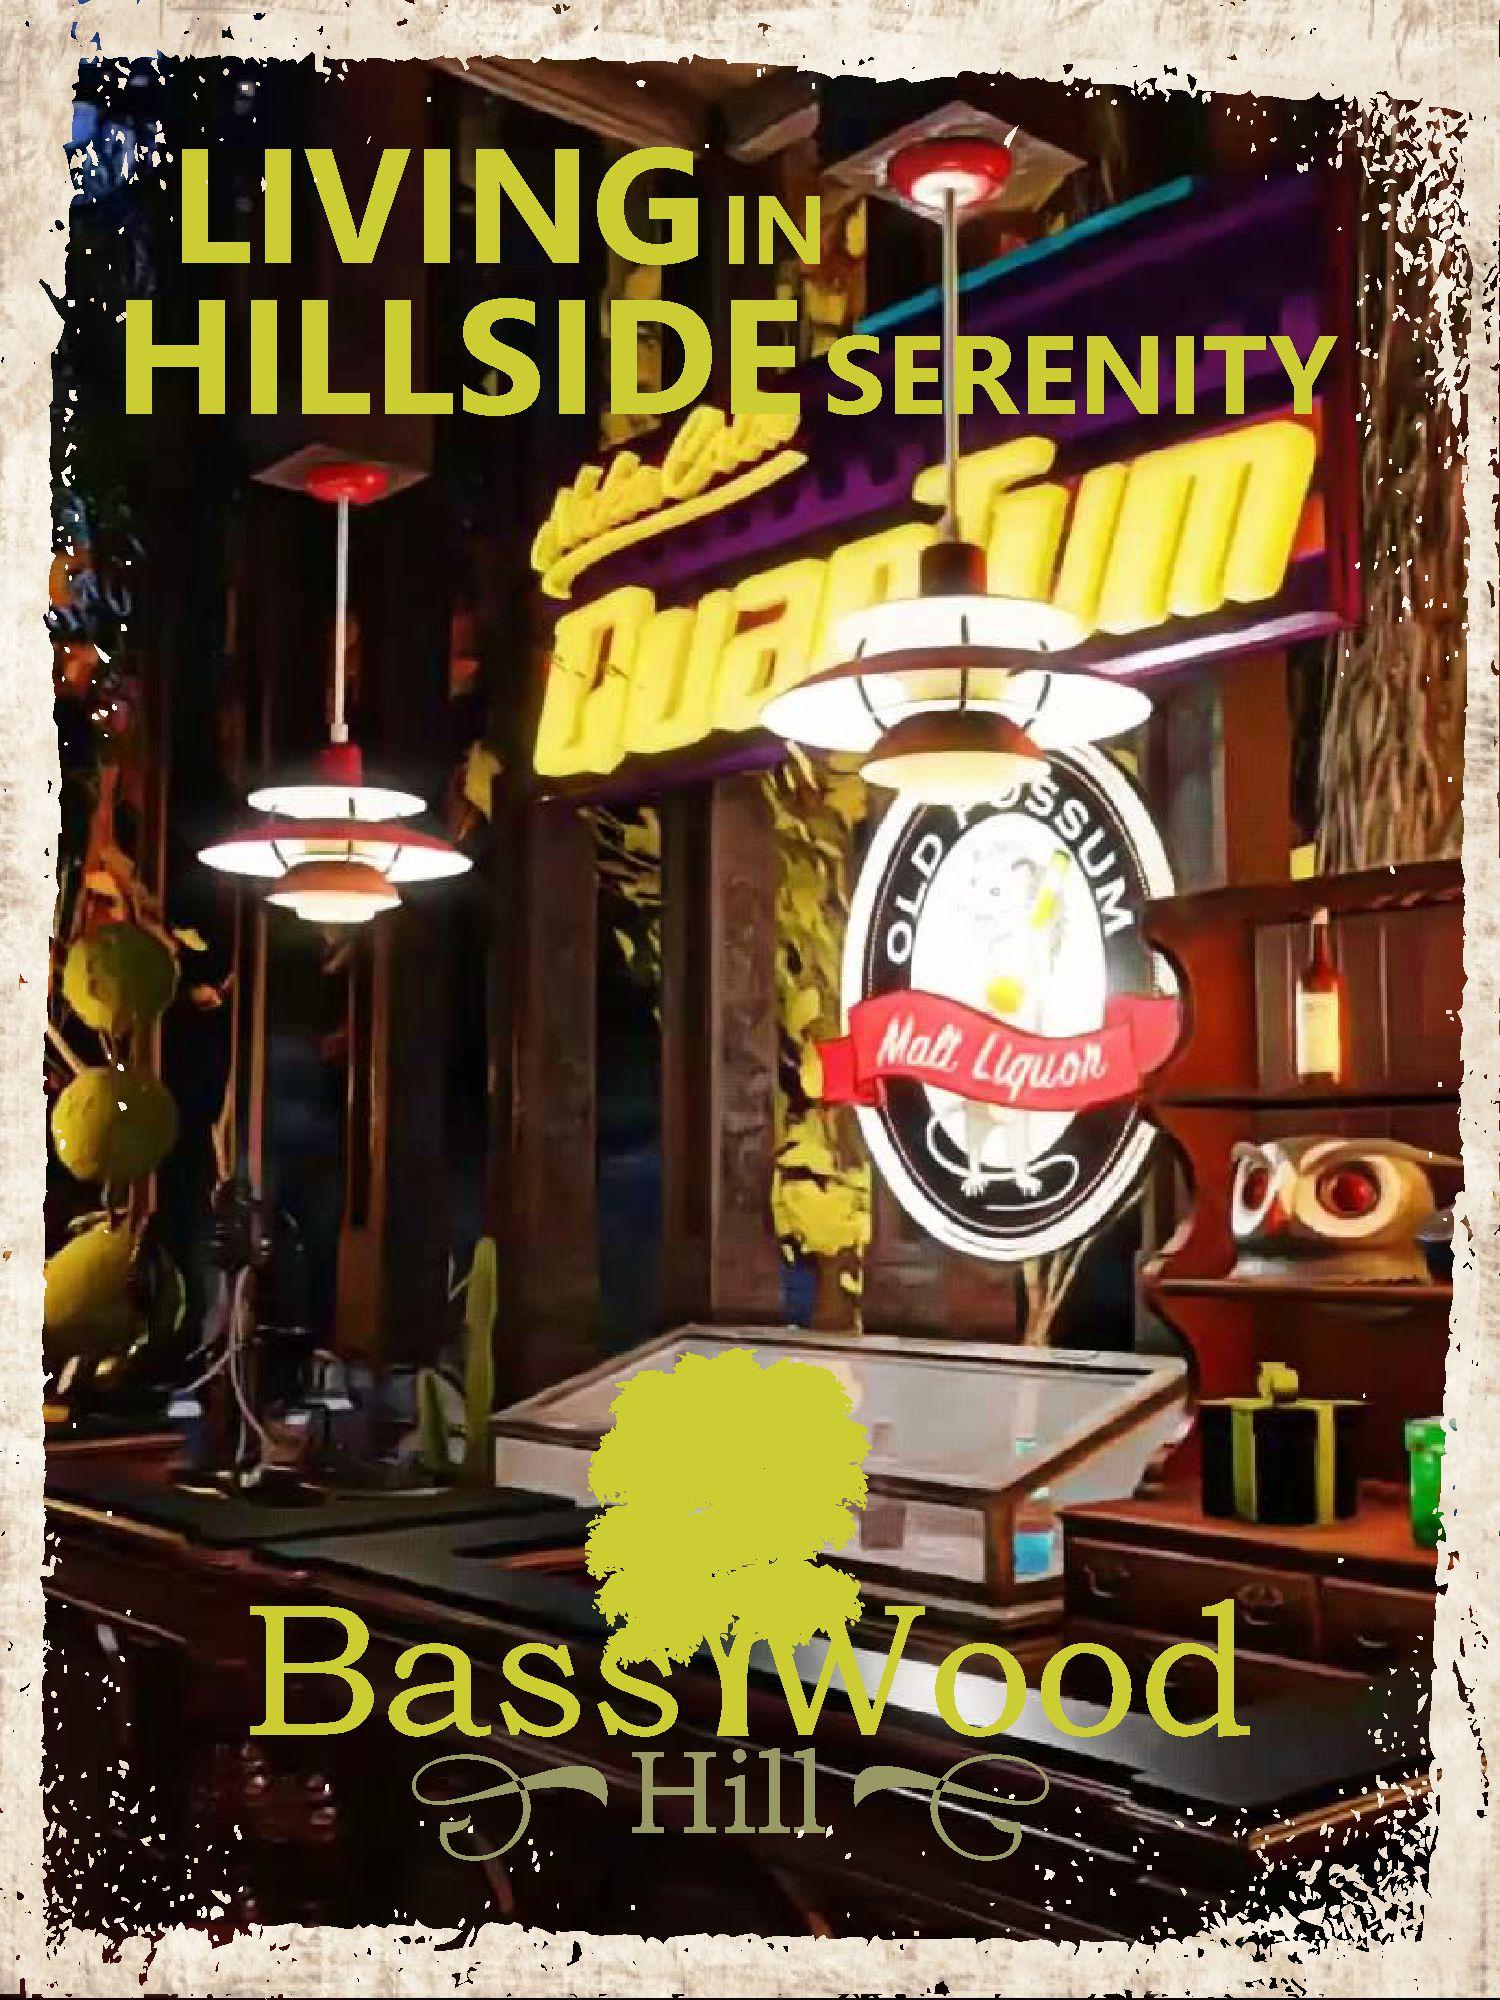 Basswood Hill Modern House